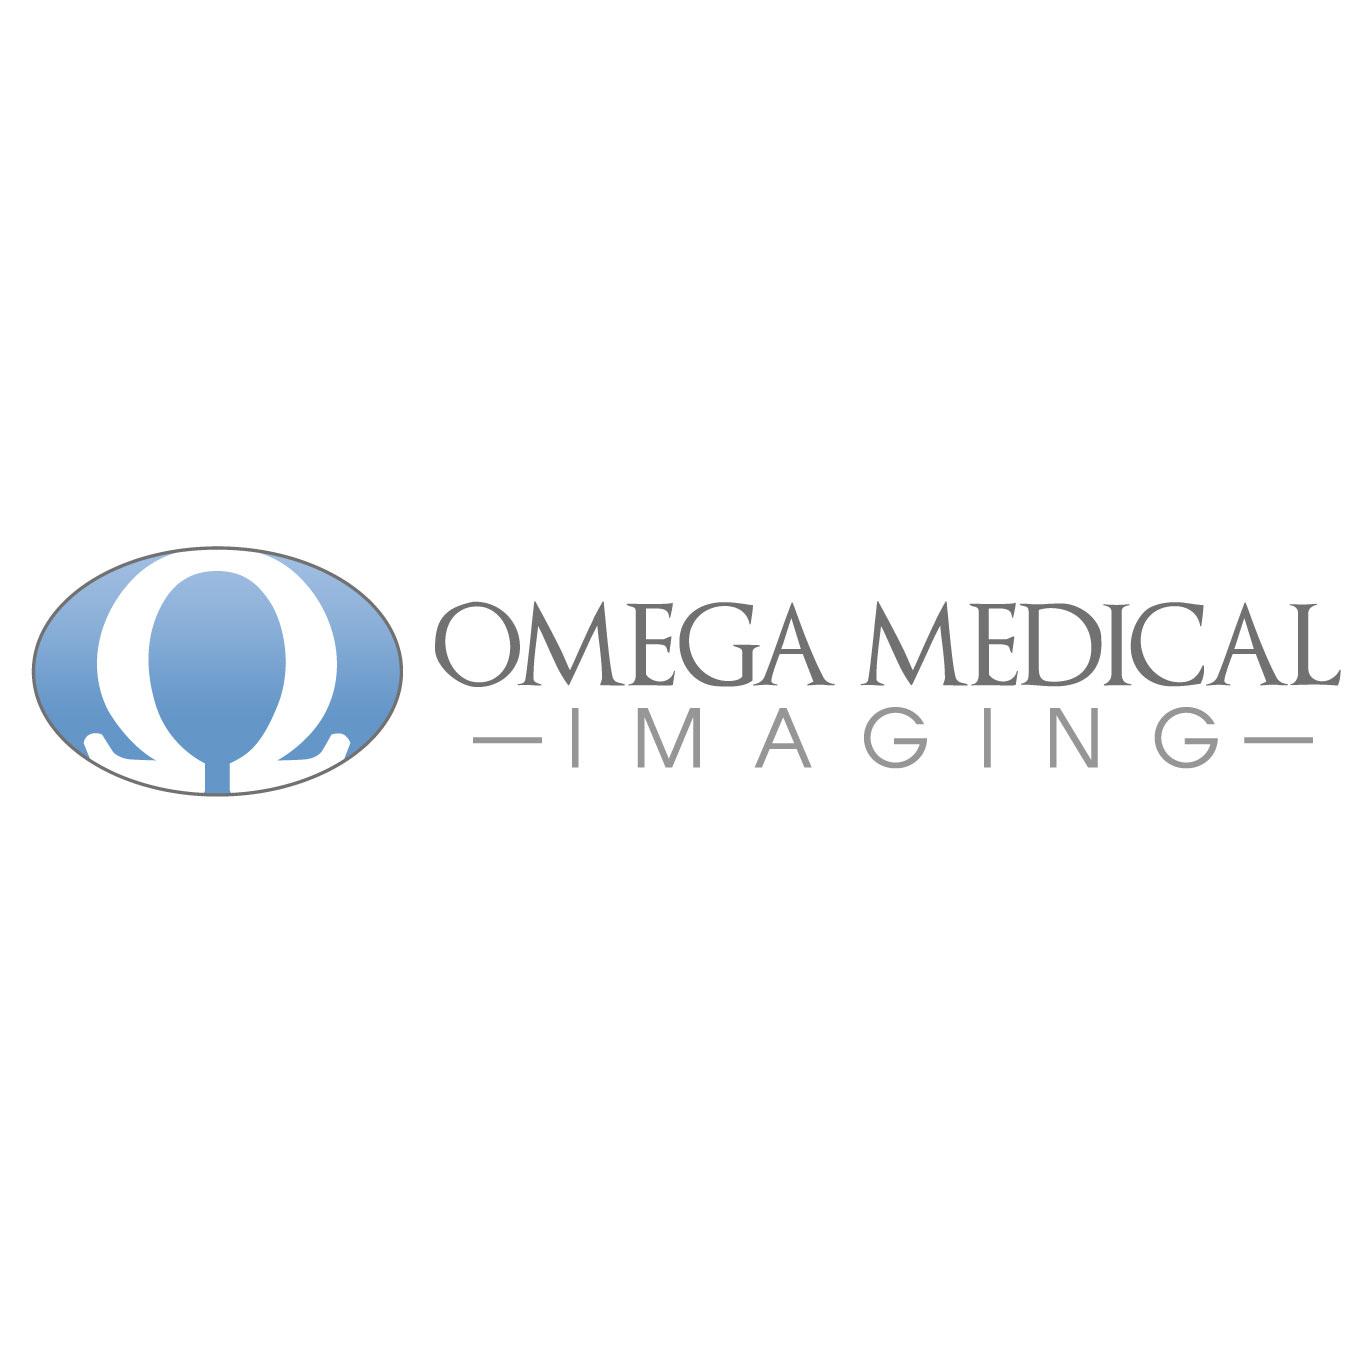 Omega Medical Imaging New Logo Redesign